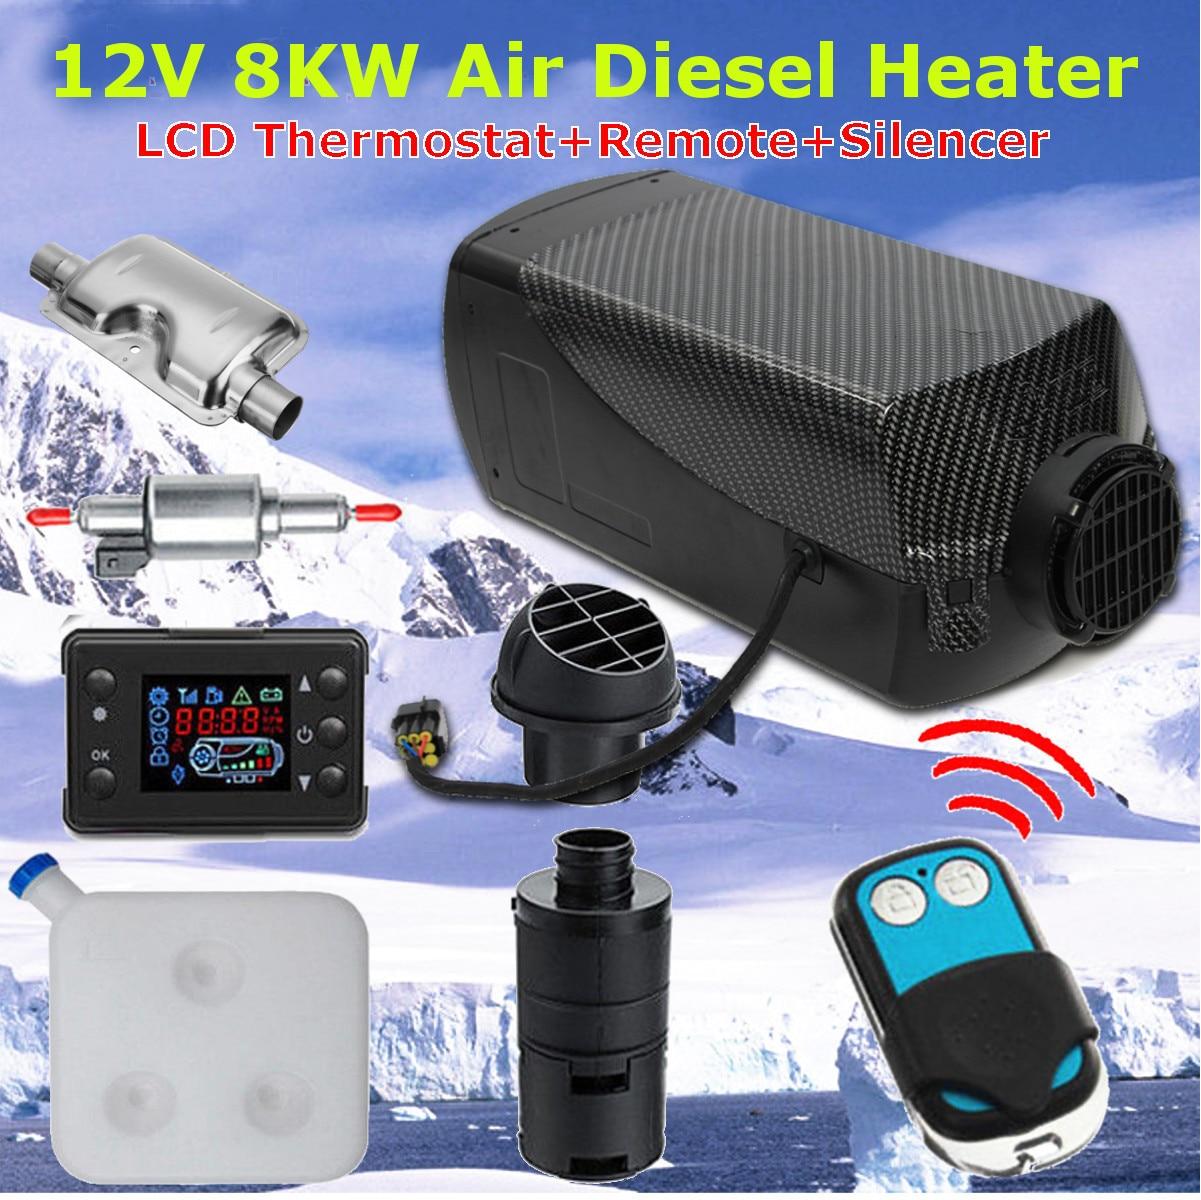 12 V 8000 W écran lcd Air diesels Réchauffeur De Carburant Unique Trou 8KW Pour Bateau Bus radiateur de voiture Avec télécommande et Silencieux pour livraison